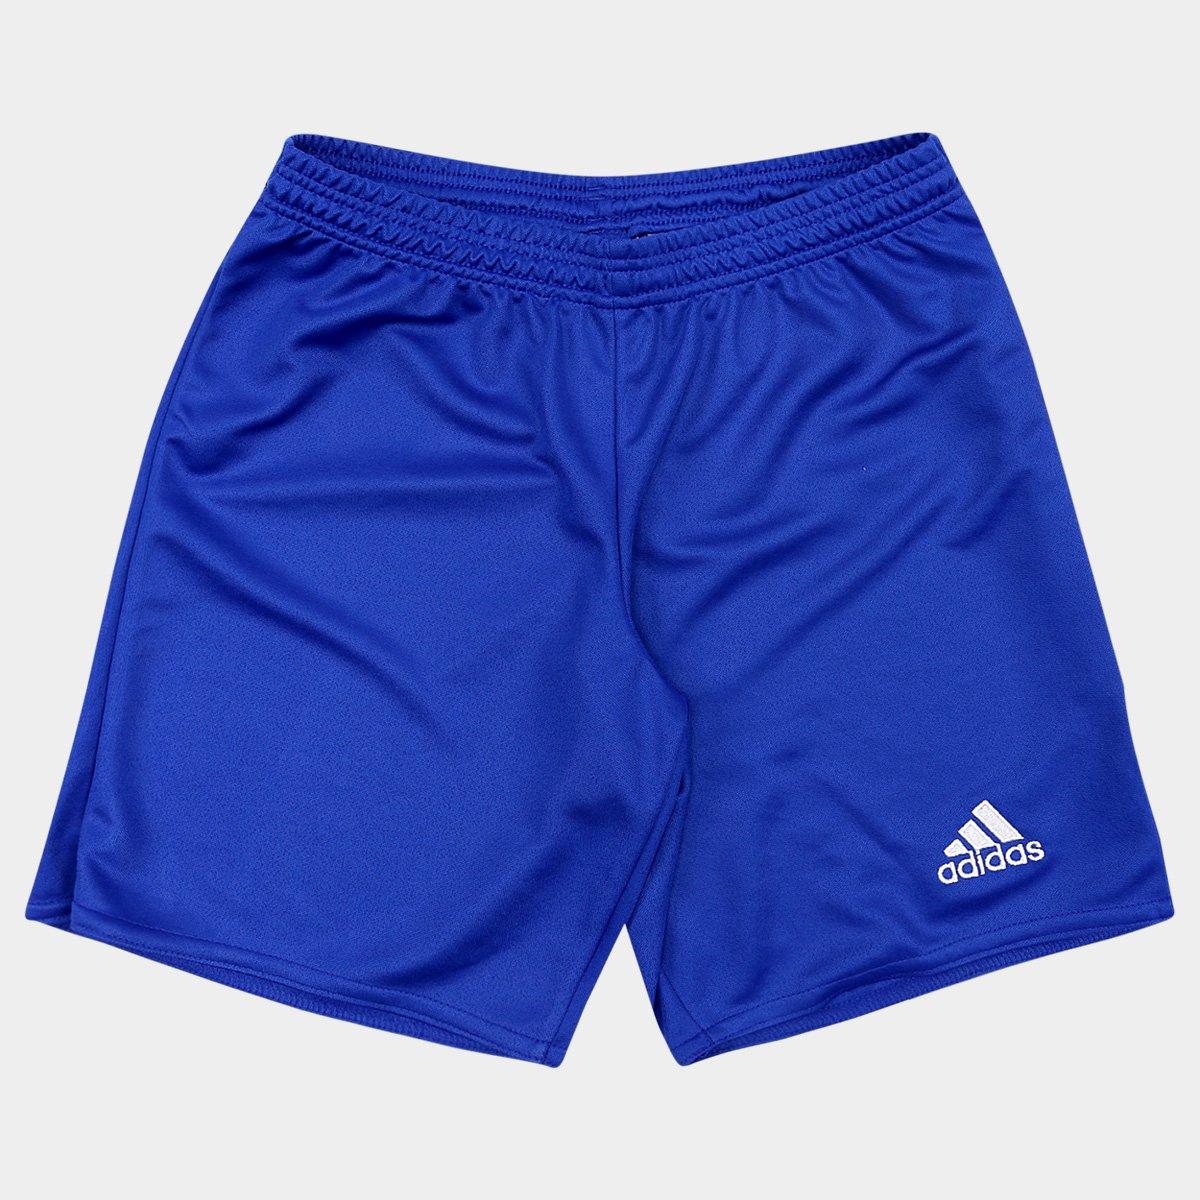 Calção Infantil Adidas Parma 16 - Azul e Branco - Compre Agora ... 5b8ee550168e4